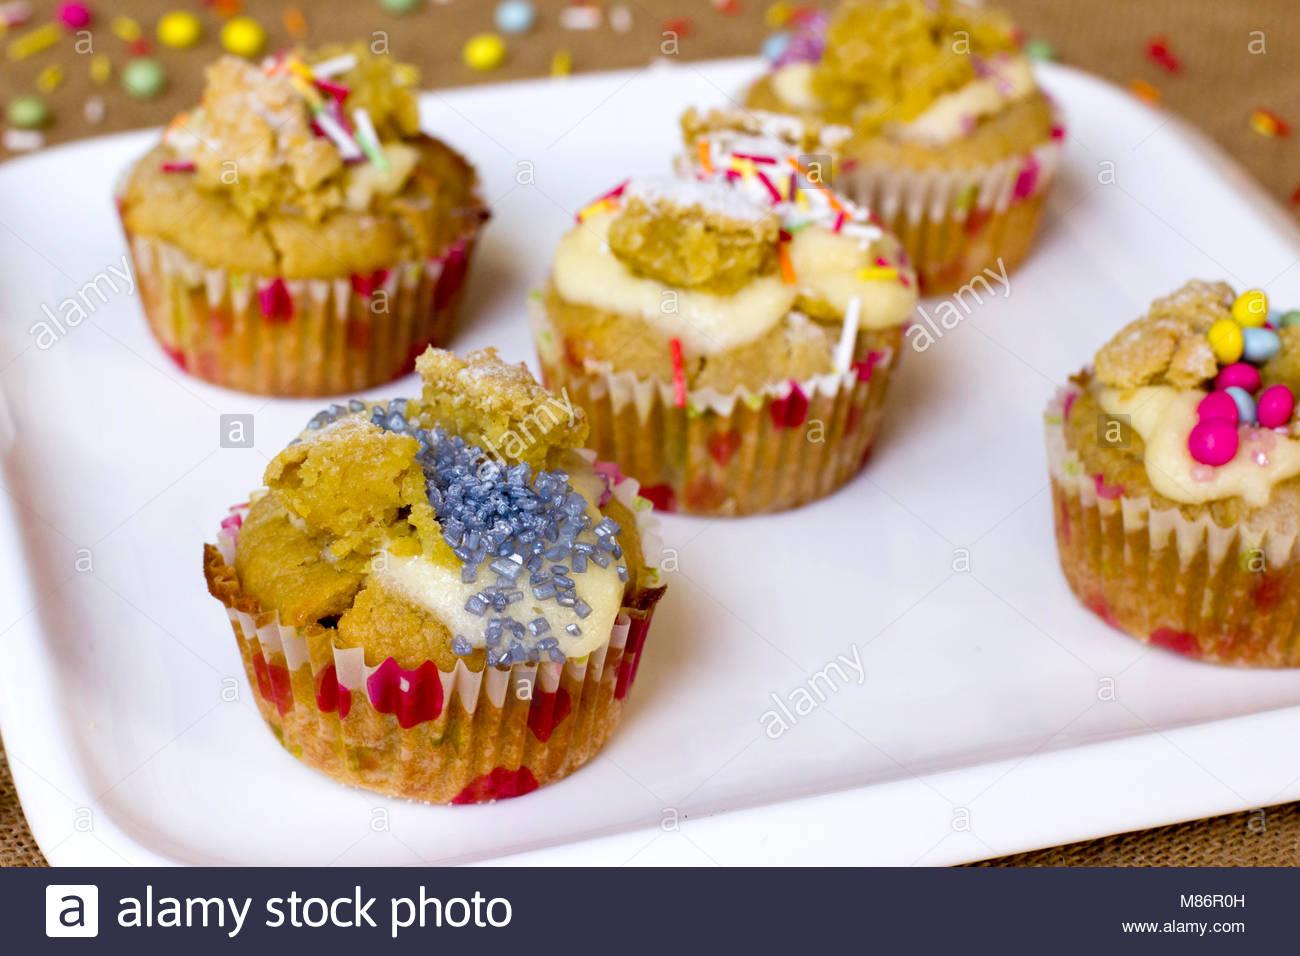 Nett Cupcake Farbseite Bilder - Malvorlagen Von Tieren - ngadi.info